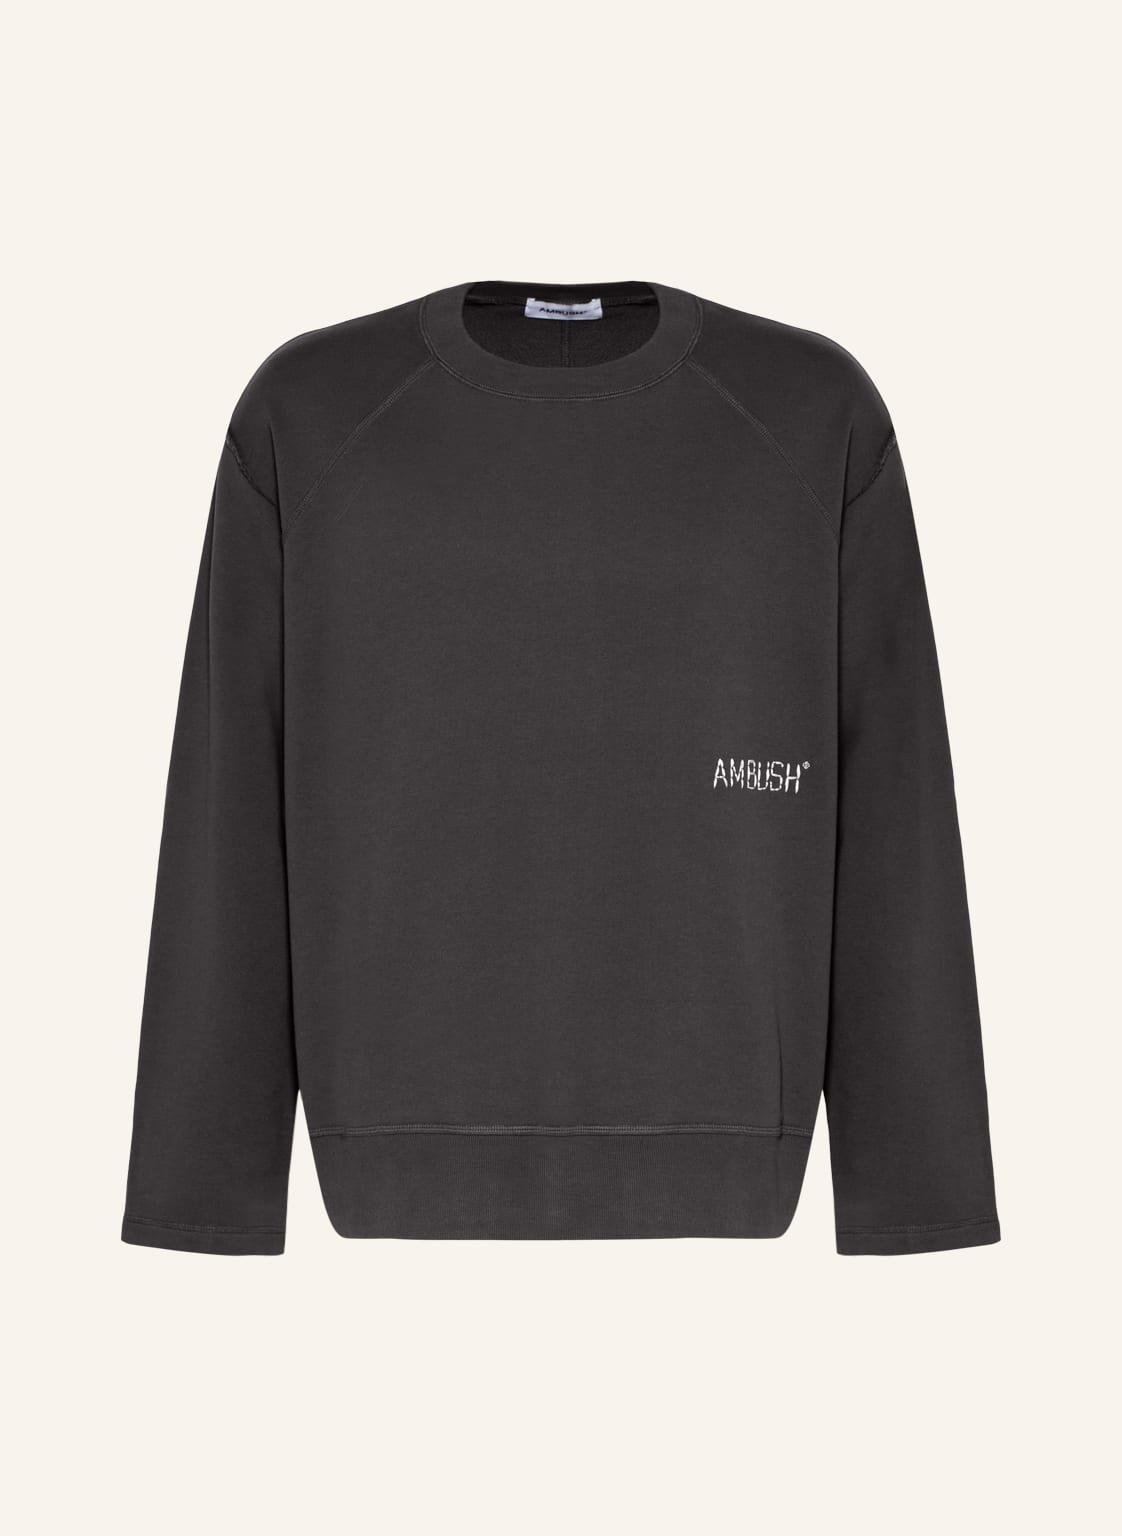 Image of Ambush Sweatshirt grau